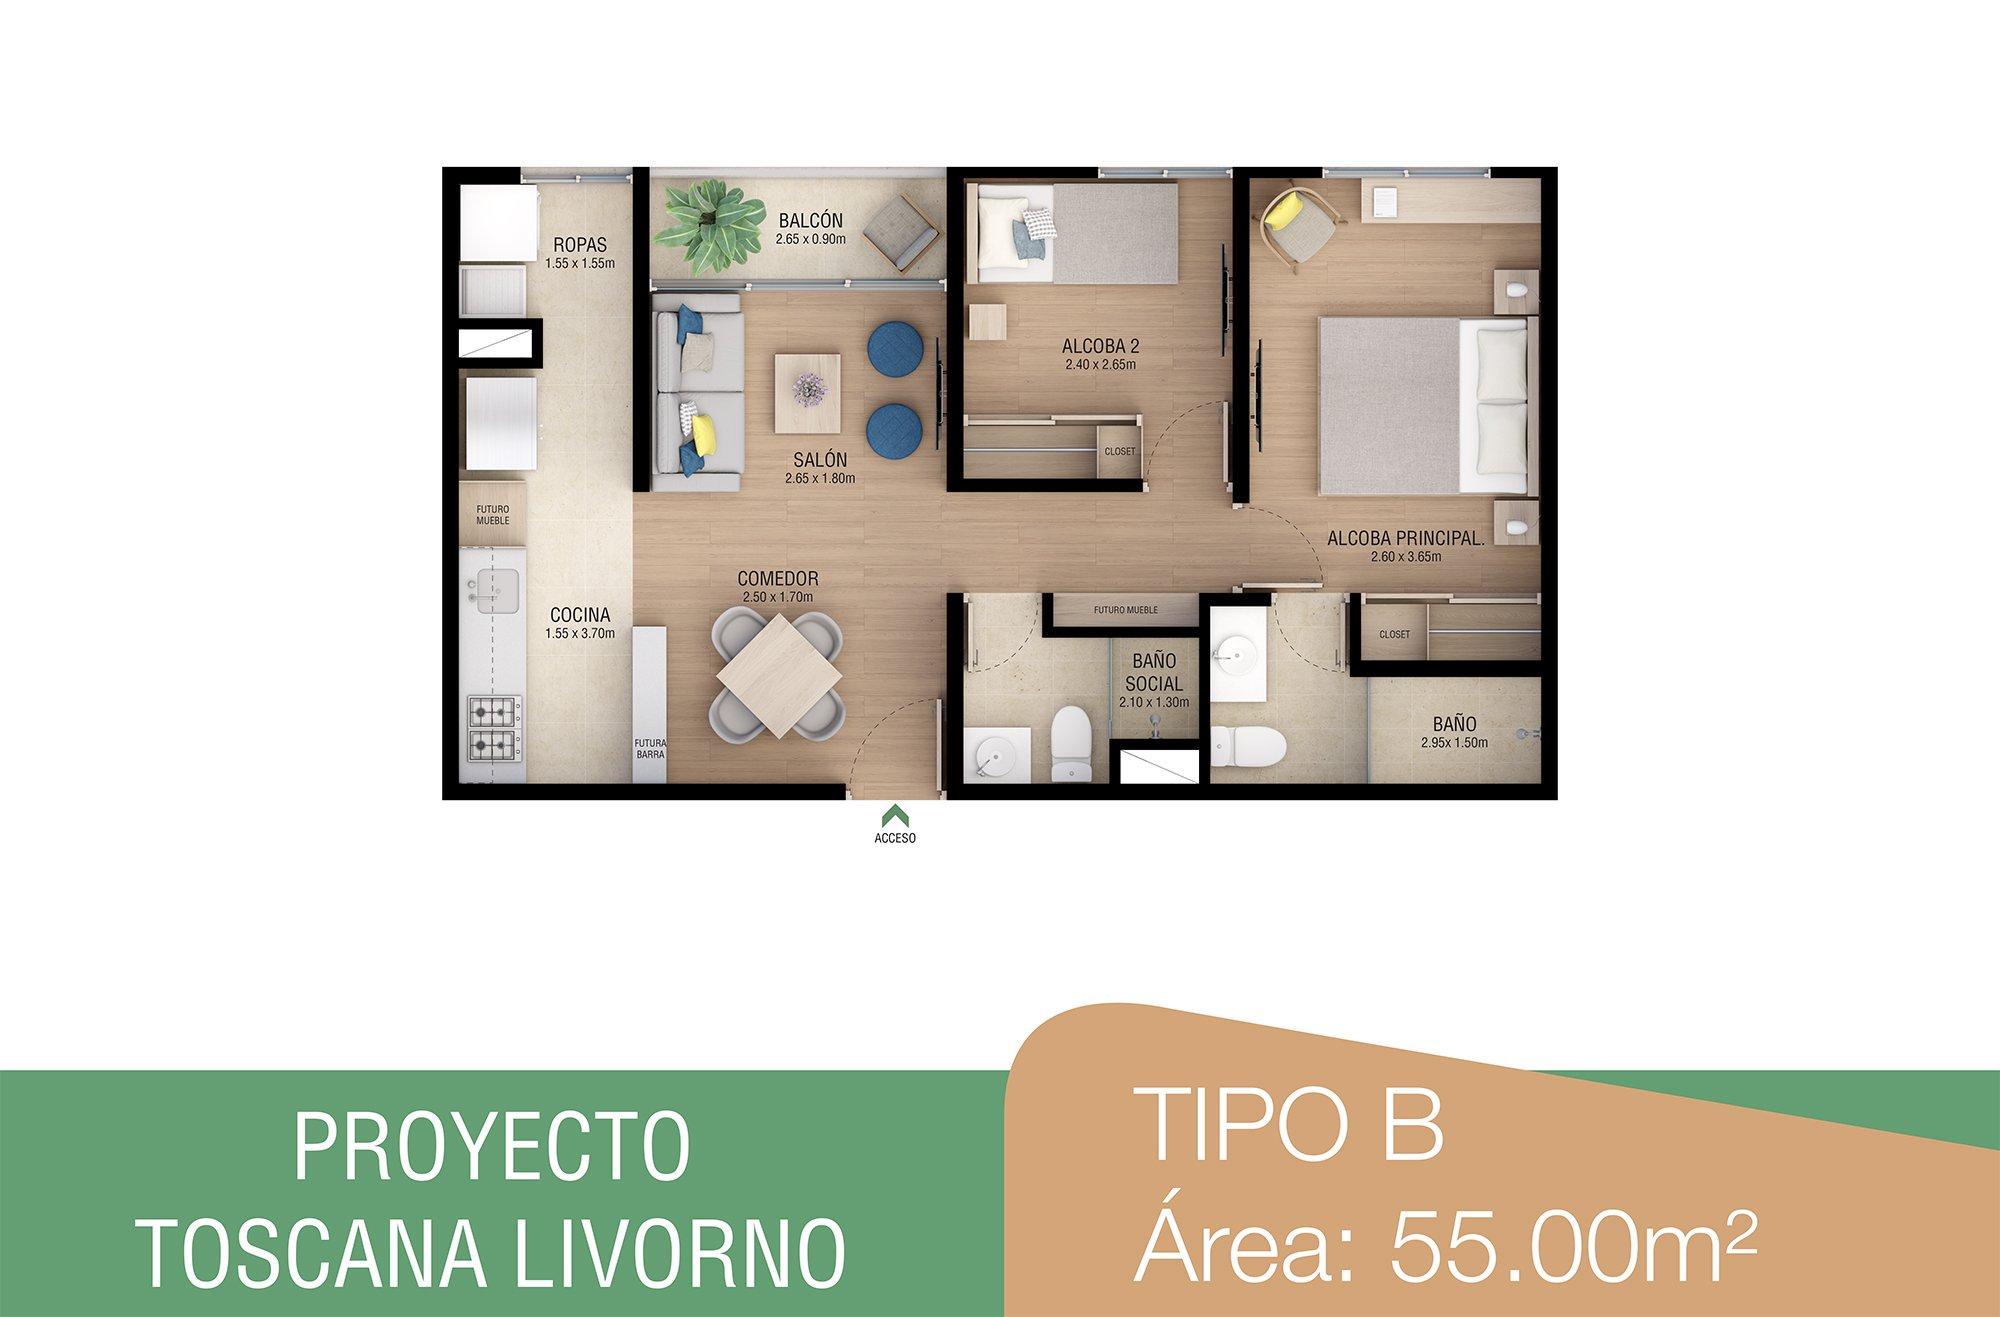 toscana-livorno-apartamentos-sabaneta-tipob